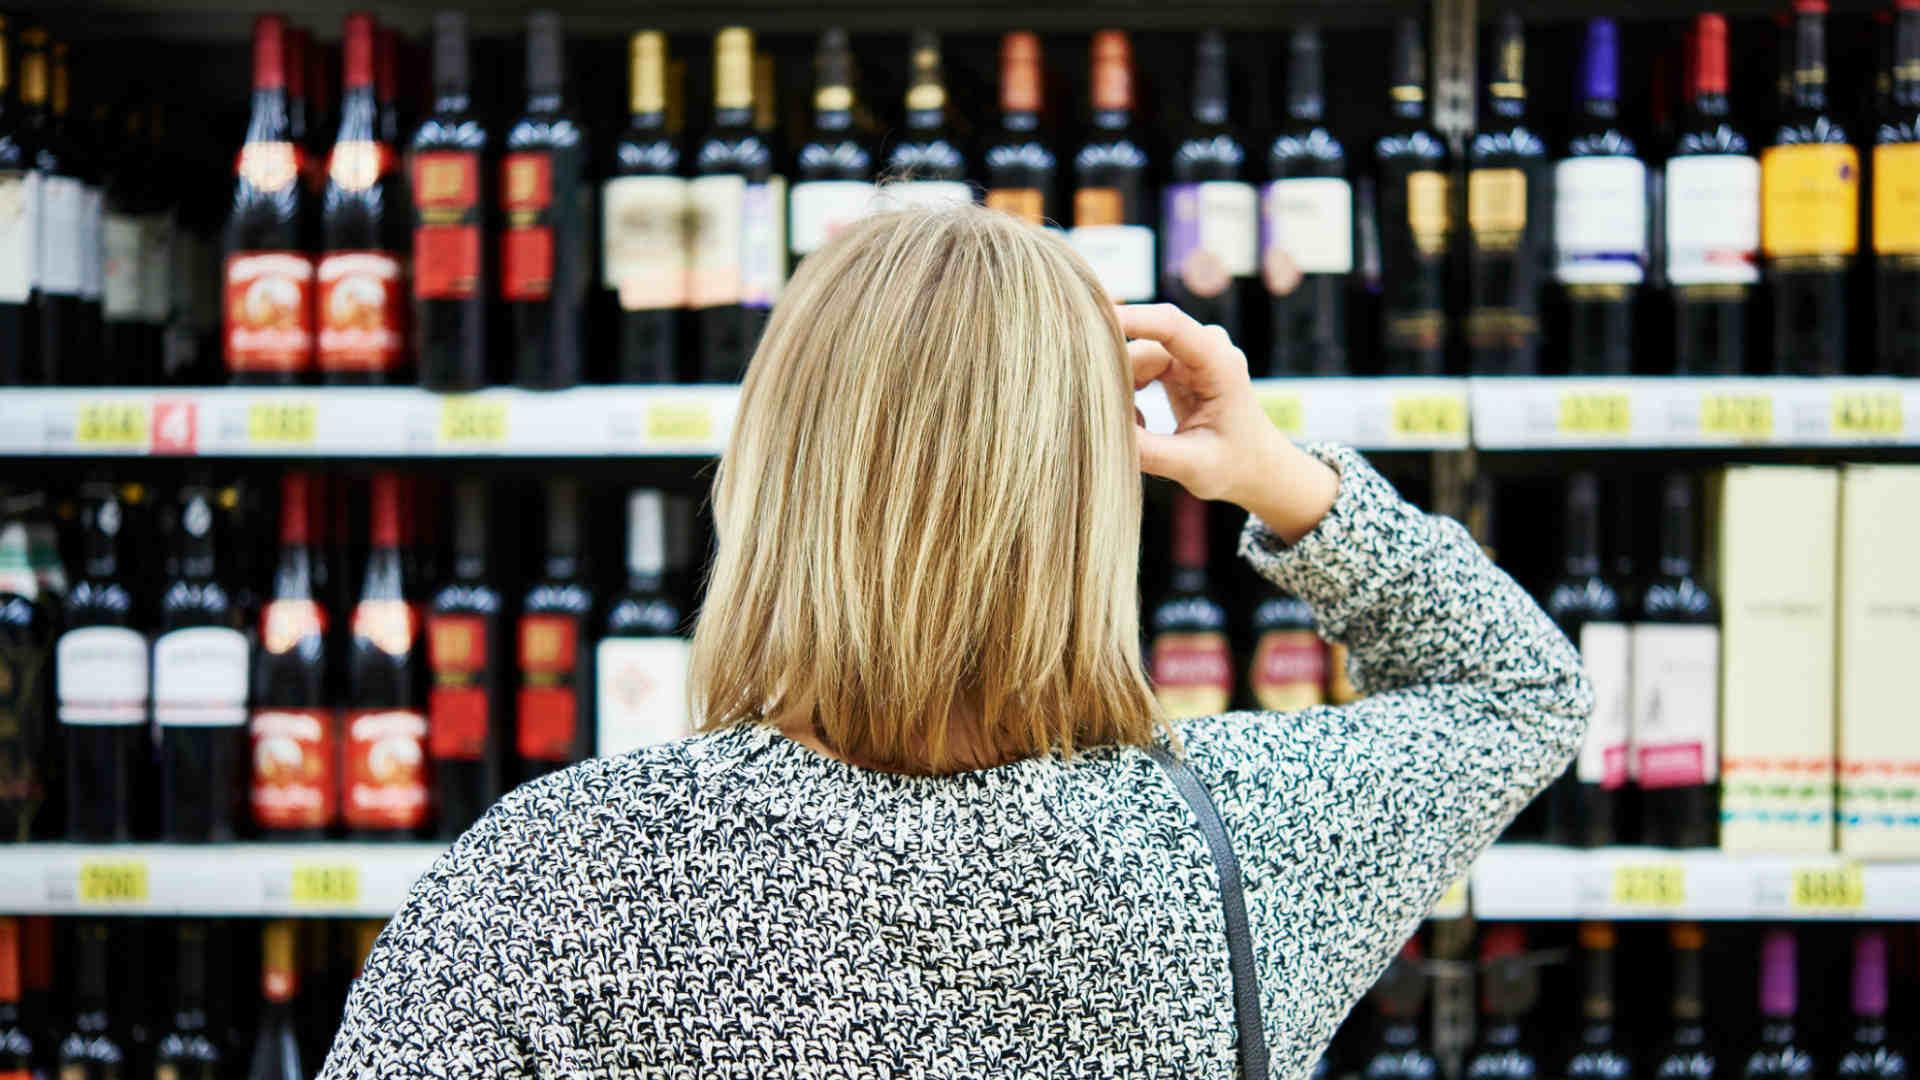 На что обязательно нужно посмотреть перед покупкой вина